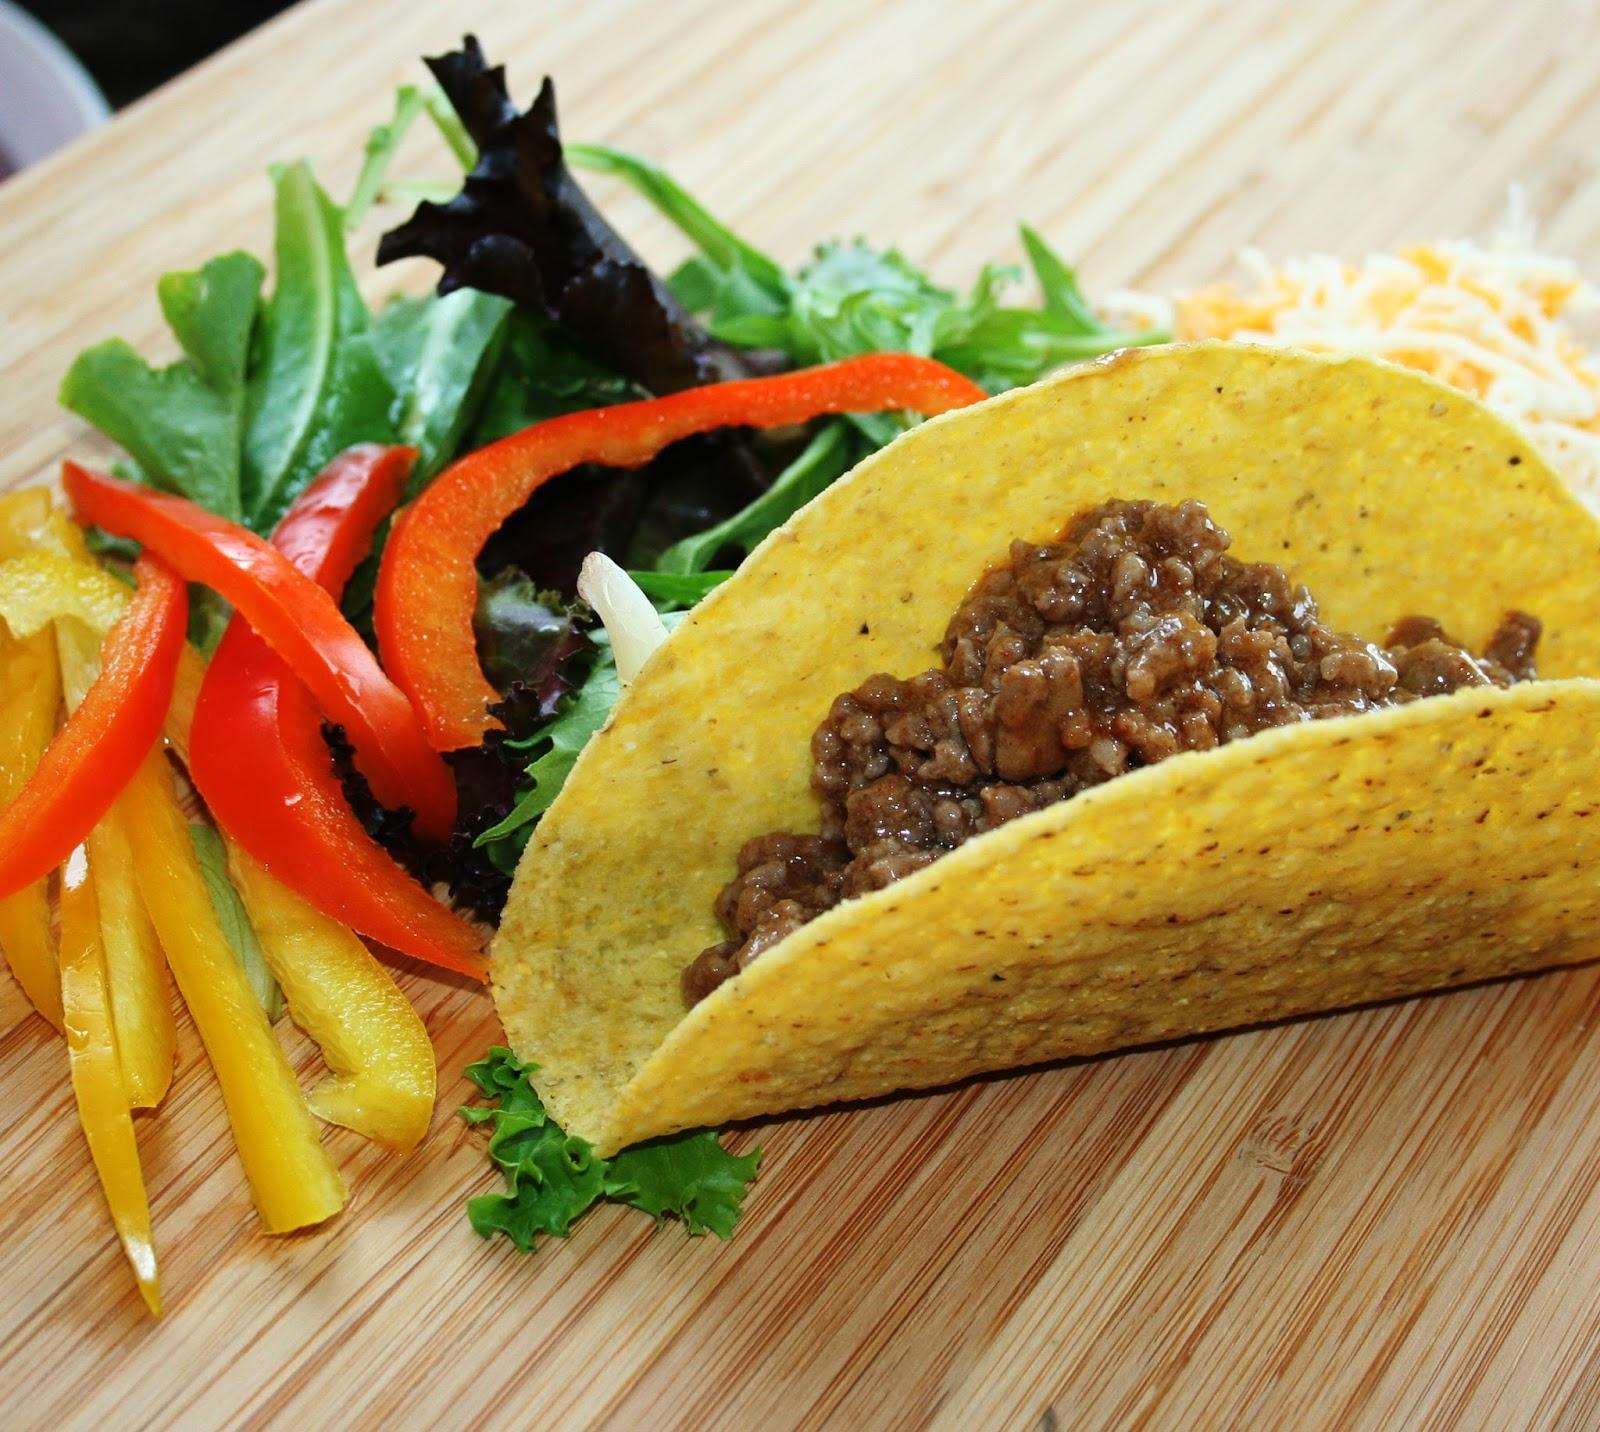 On se croise les doigts recette for Assaisonnement tacos maison